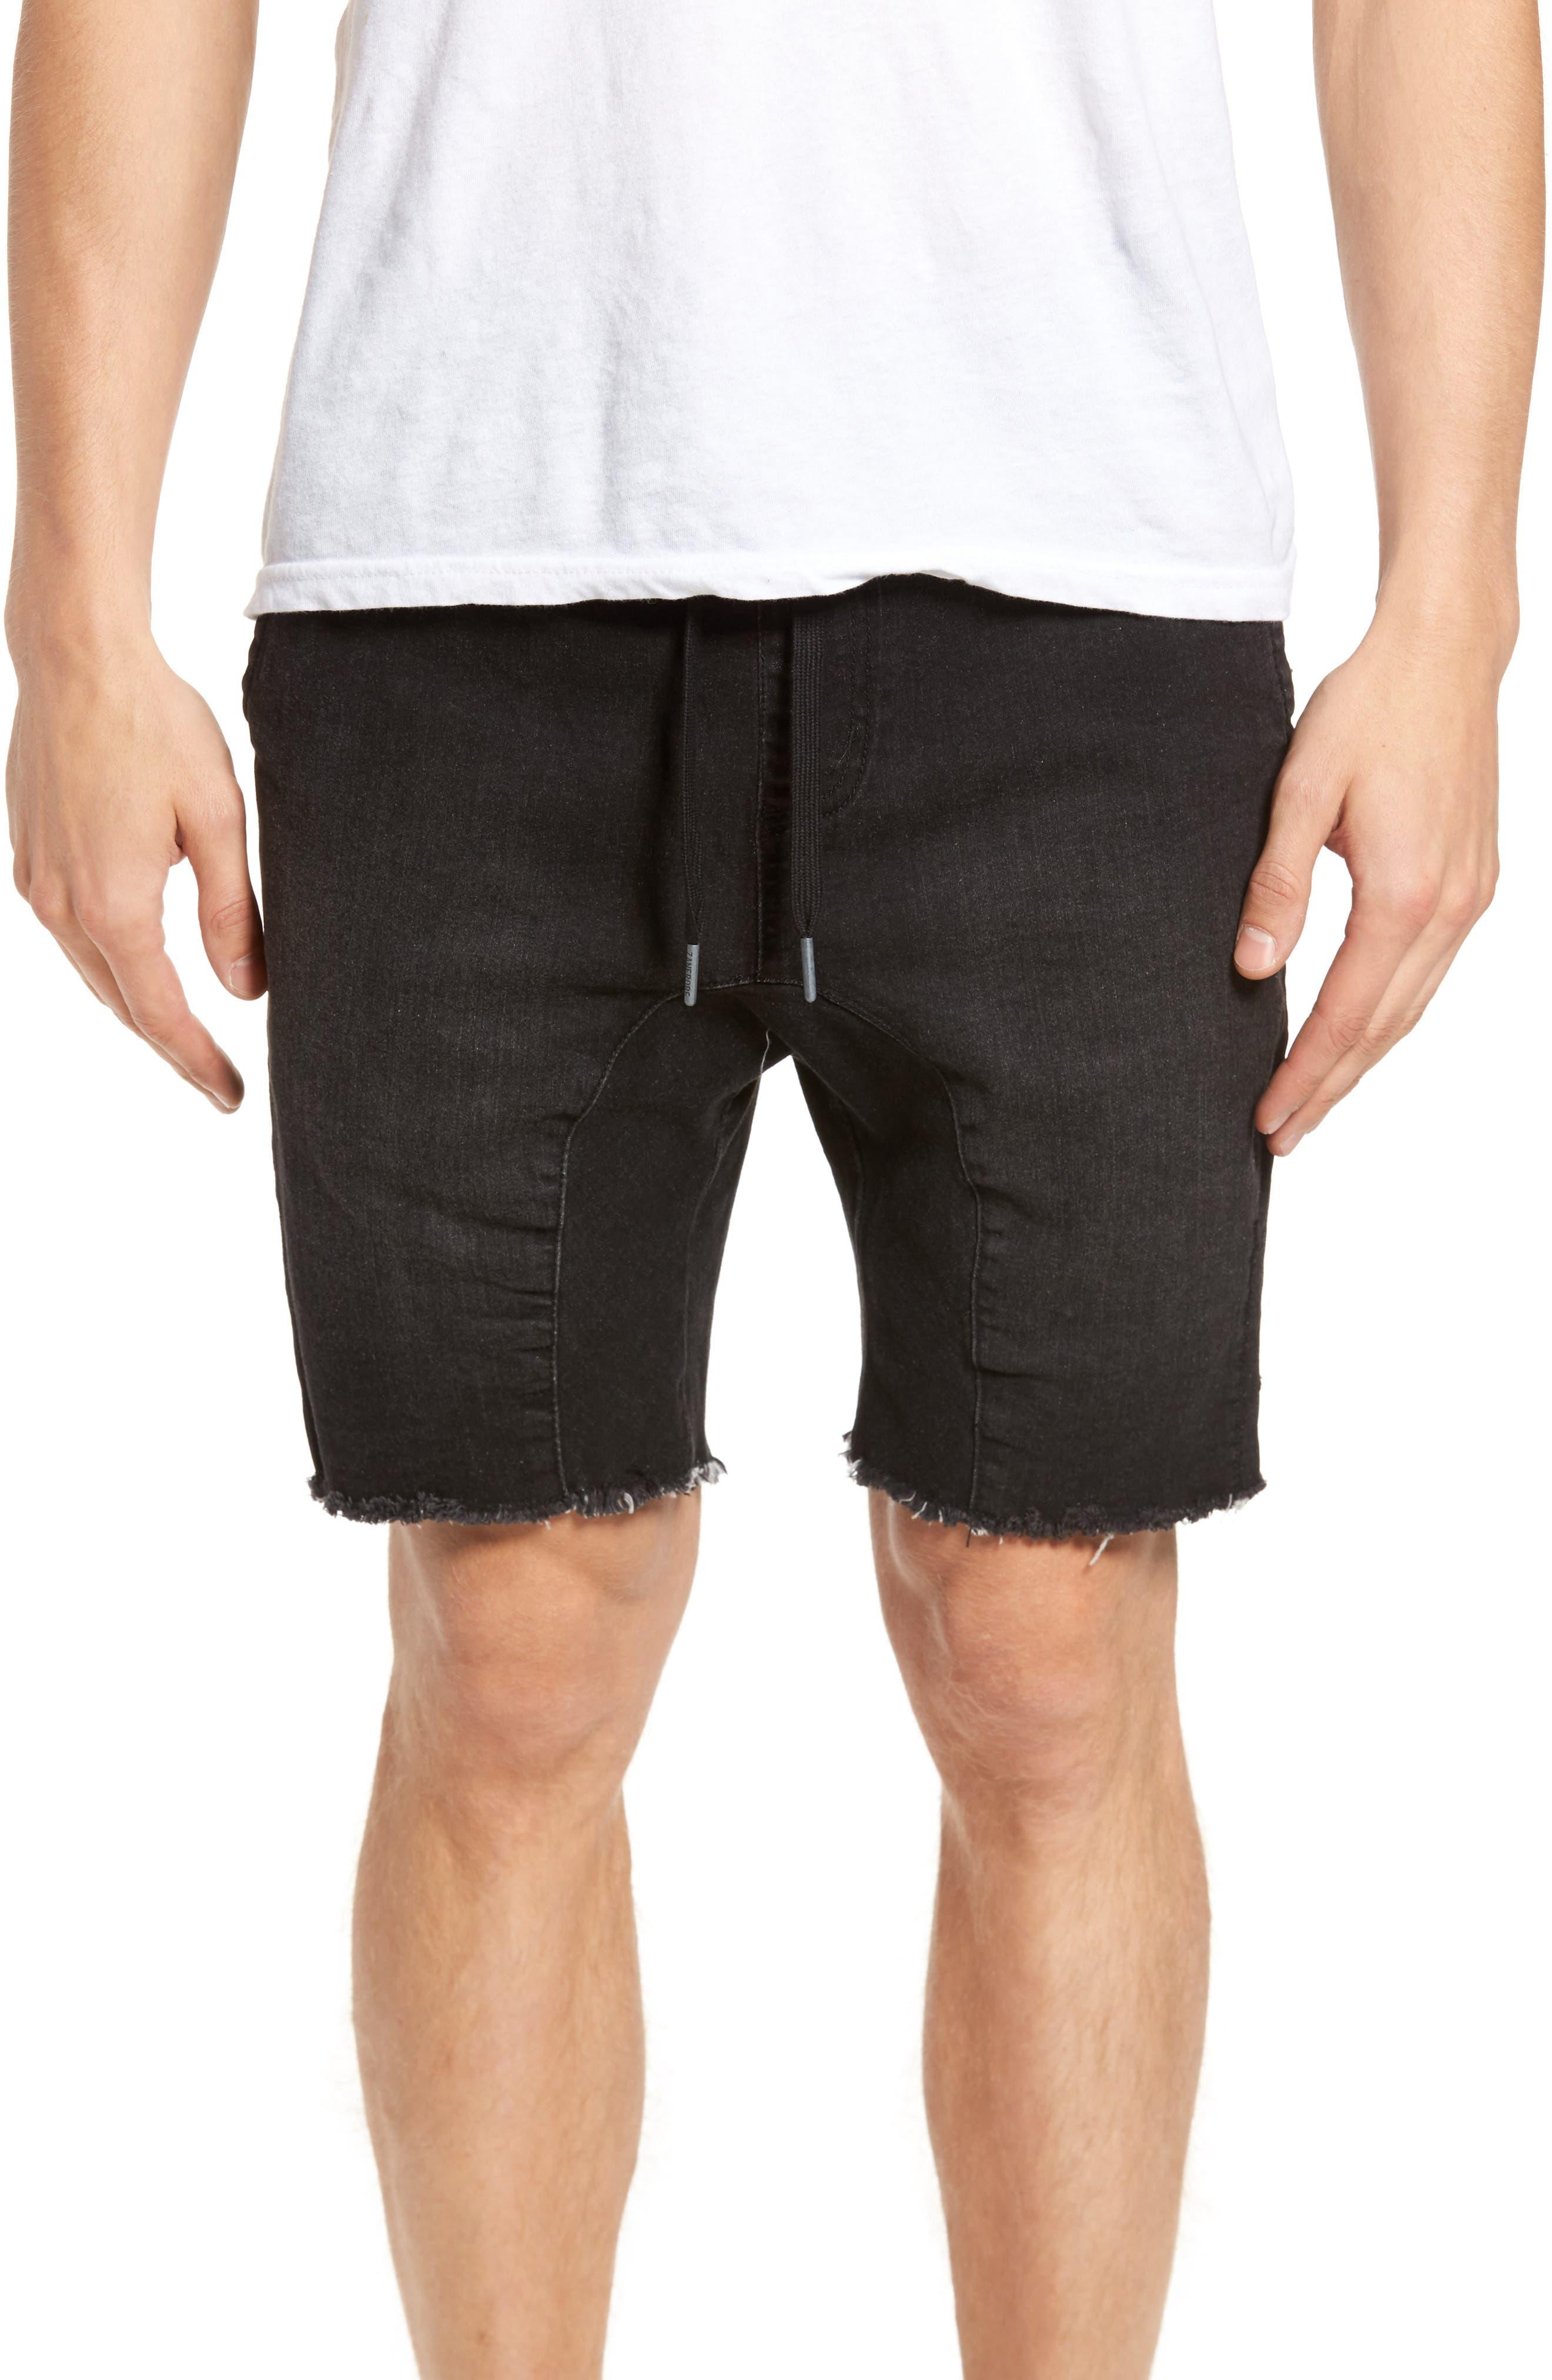 Sureshot Chino Shorts,                             Main thumbnail 1, color,                             BLACK WASH